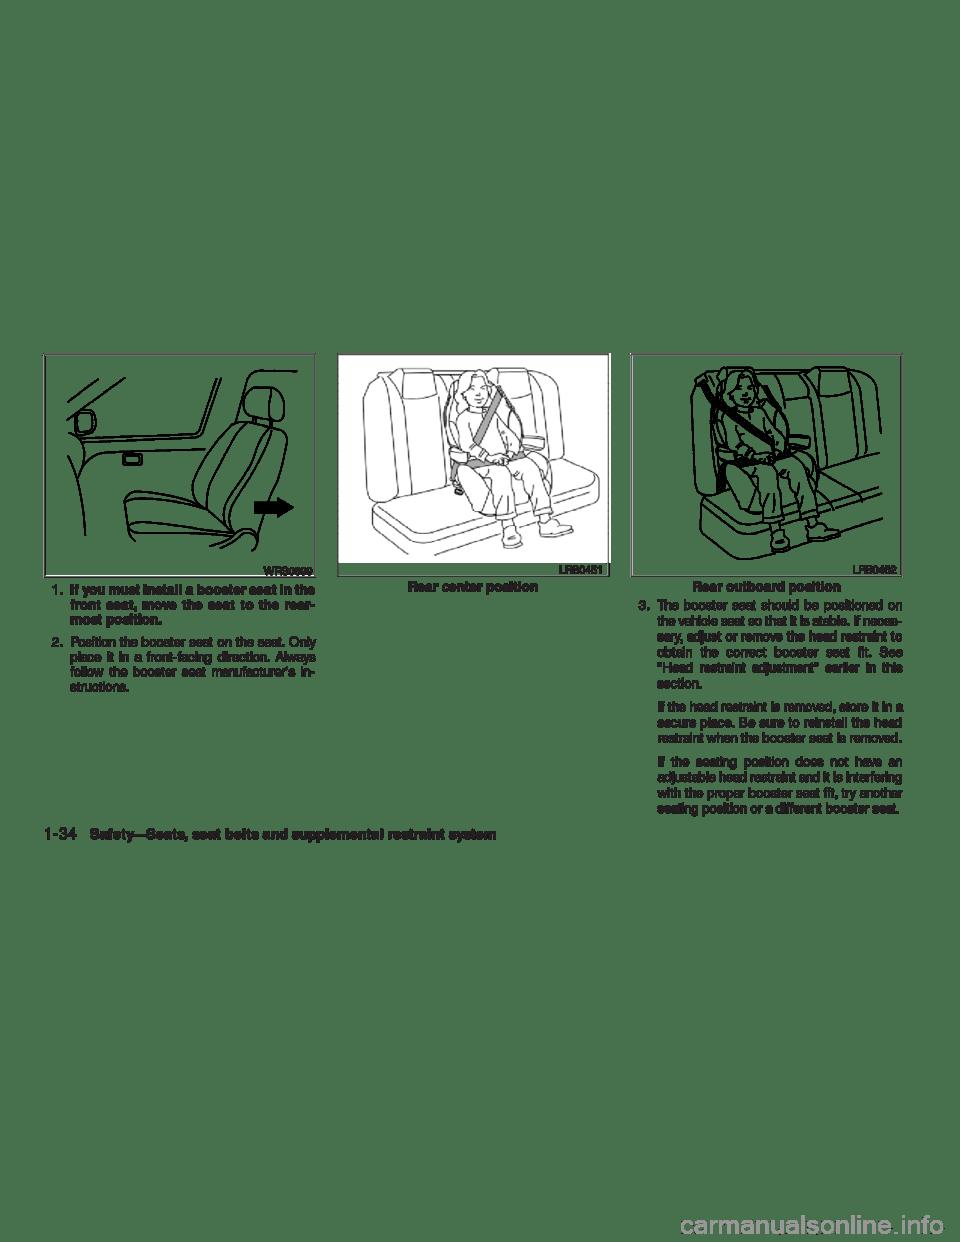 NISSAN VERSA HATCHBACK 2009 1.G Workshop Manual (305 Pages)